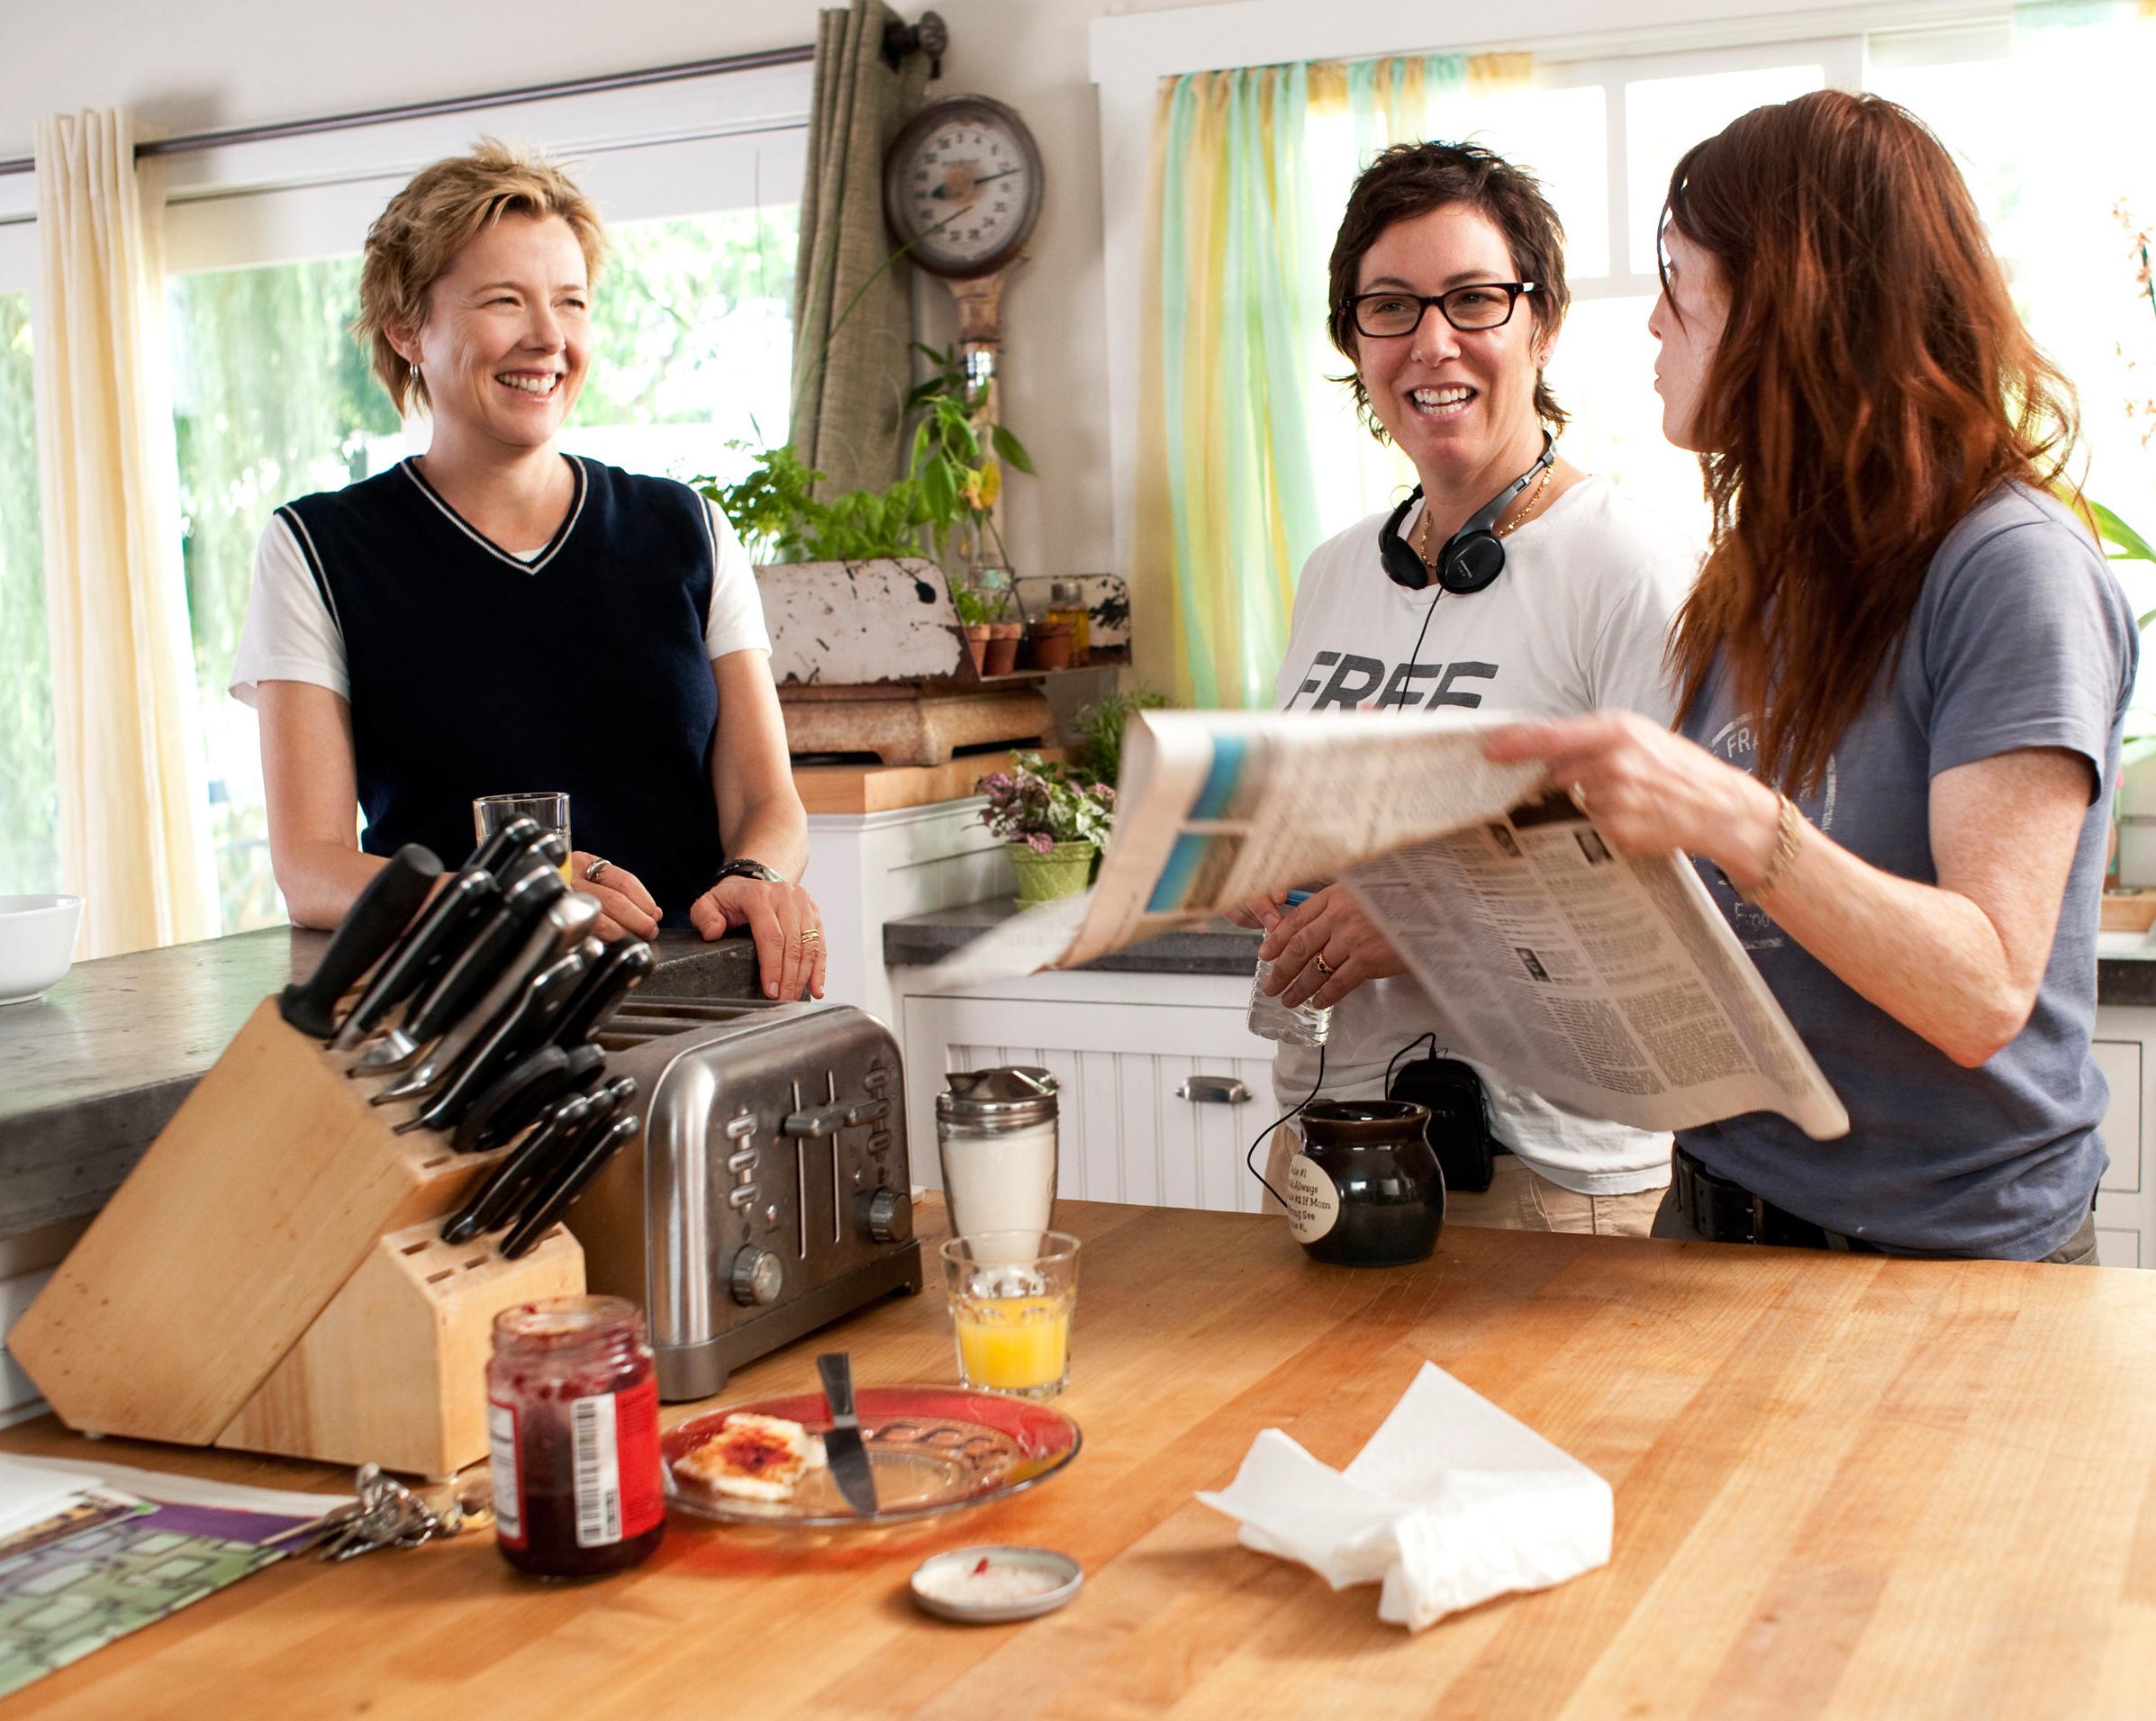 I ragazzi stanno bene: Annette Bening, Julianne Moore e la regista Lisa Cholodenko sul set del film